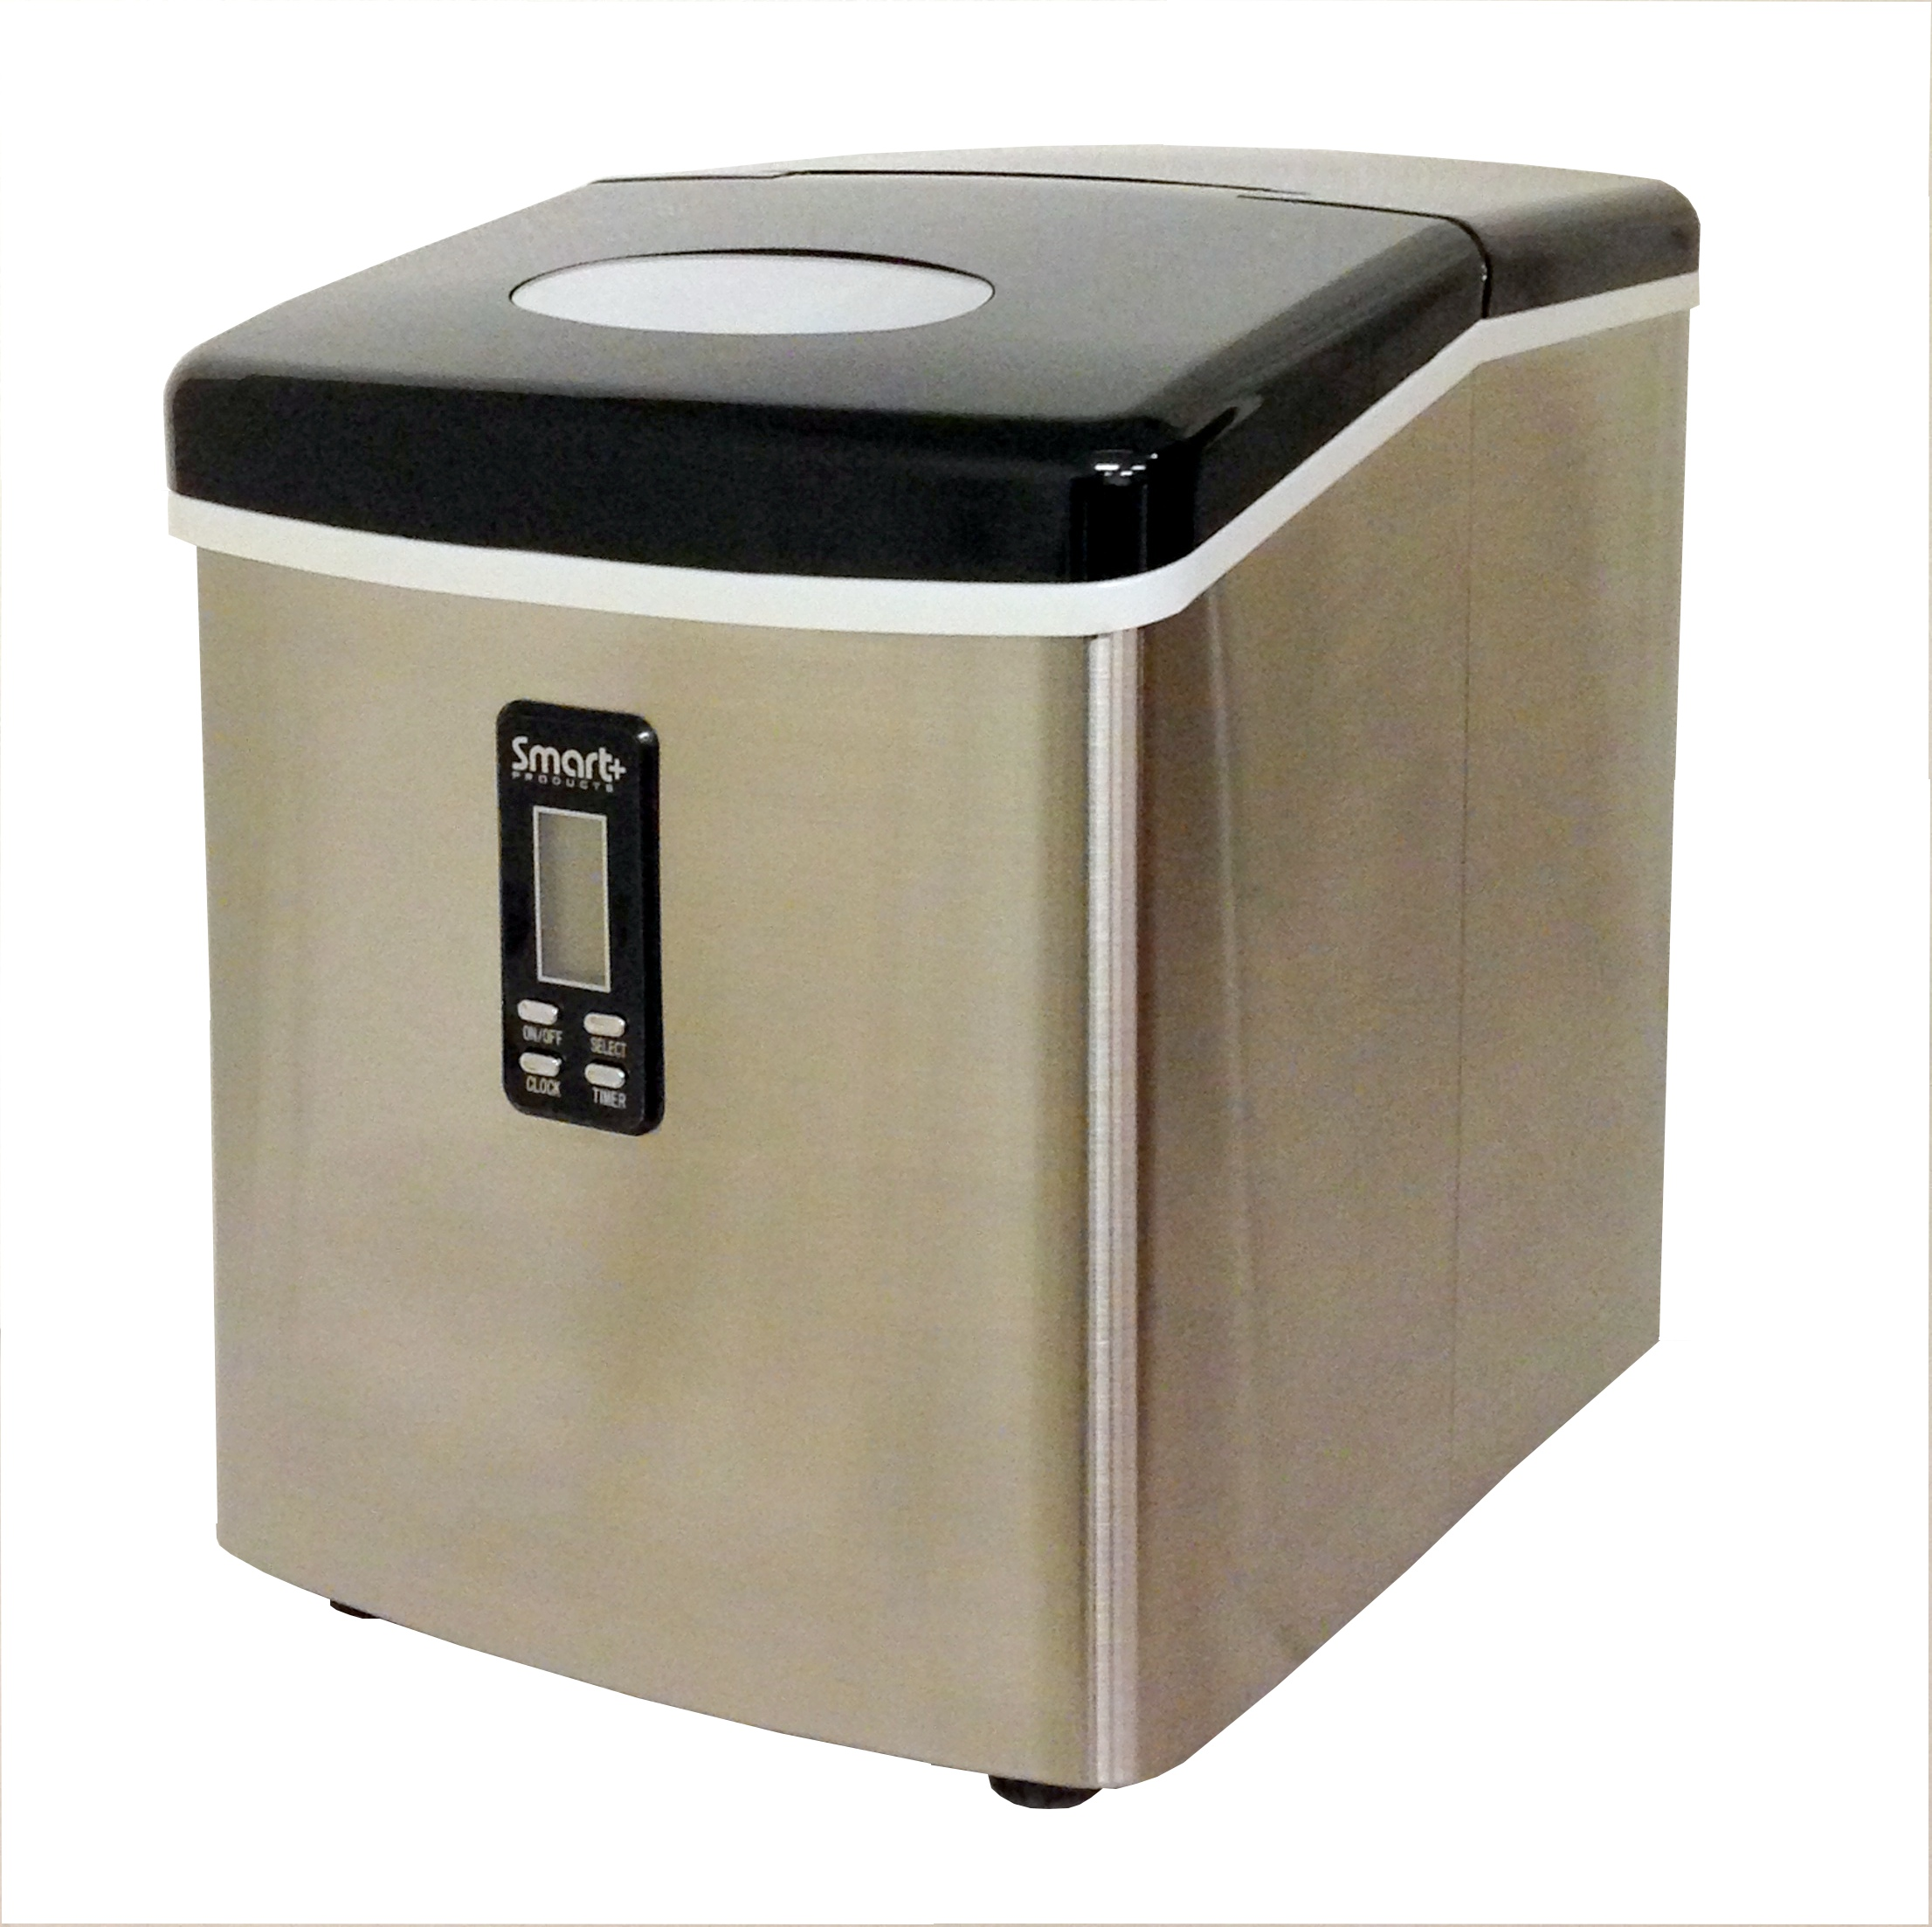 Portable Countertop Ice Maker : ... Smart+ Portable Countertop Ice Maker Machine Stainless Steel SPP15AIM